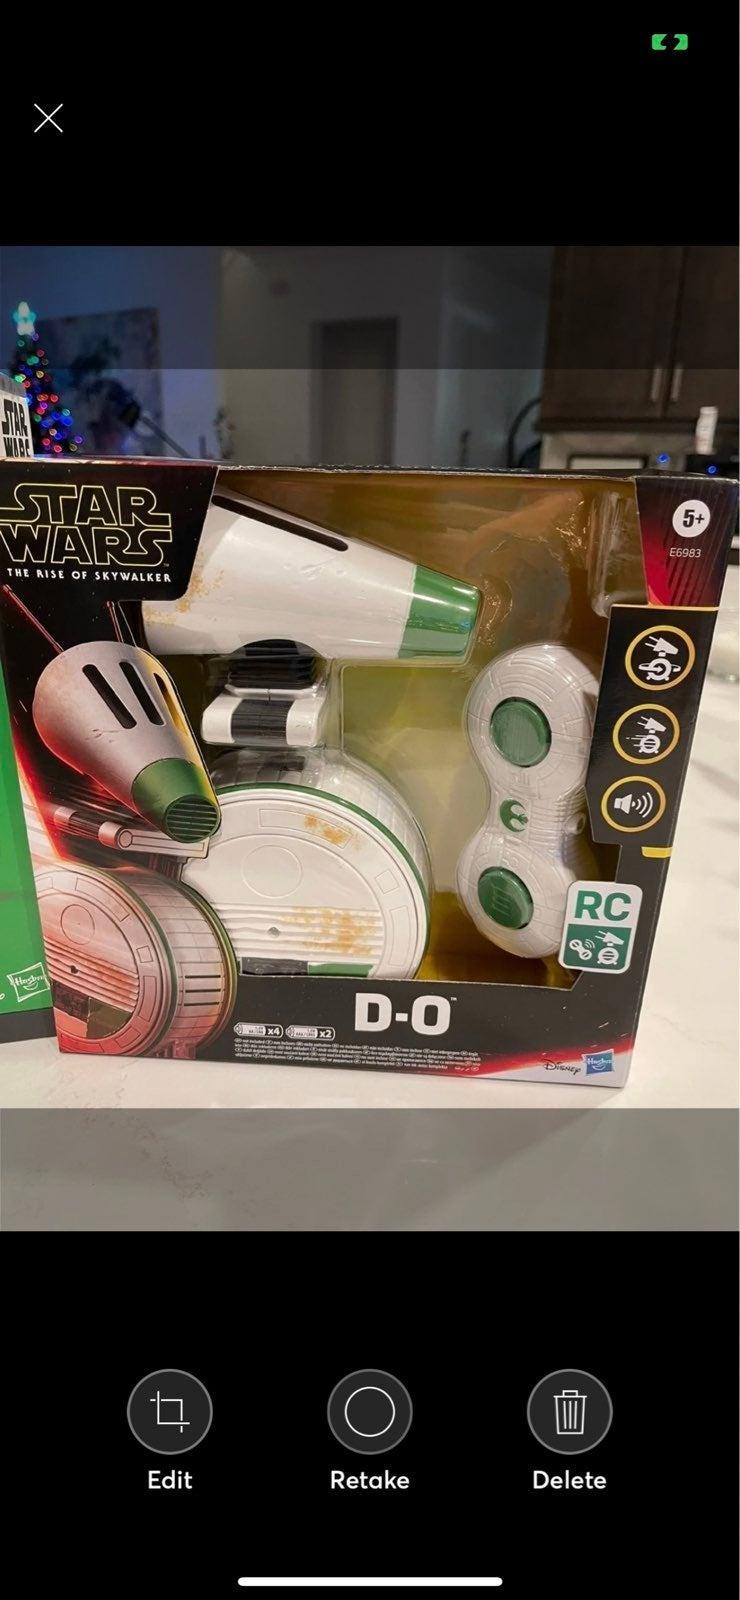 Star Wars R/C D-O droid New